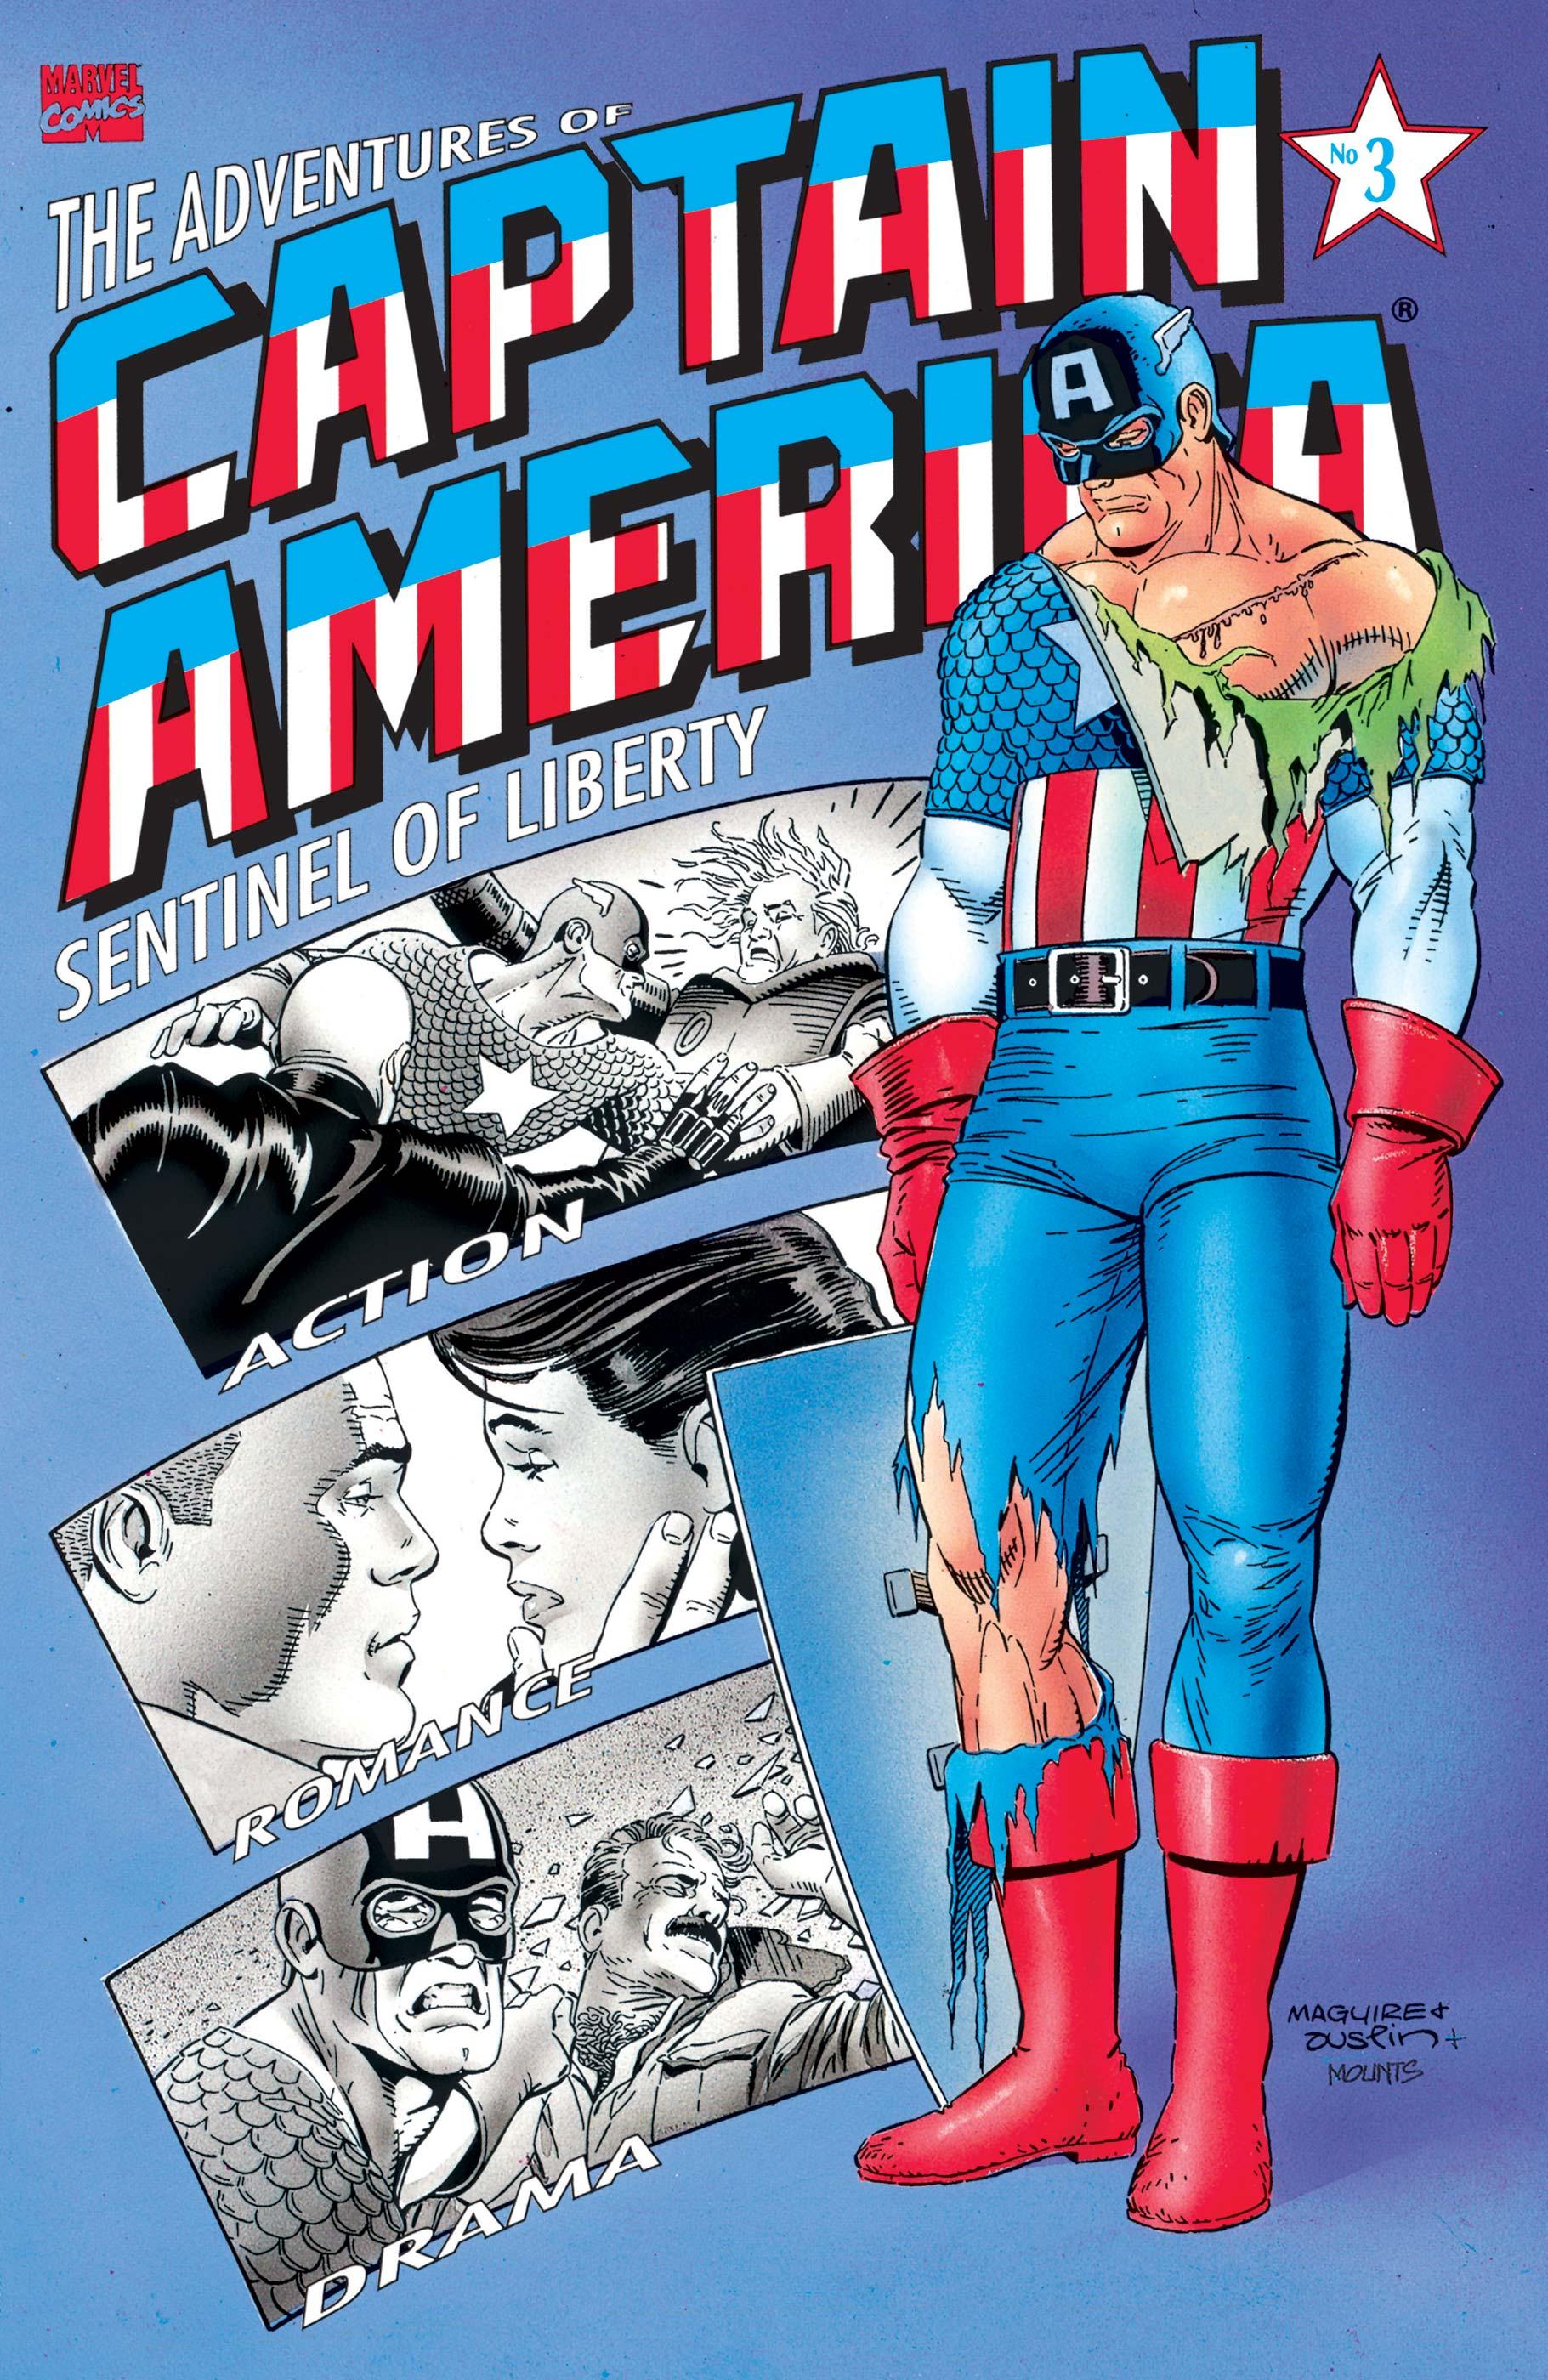 Adventures of Captain America (1991) #3